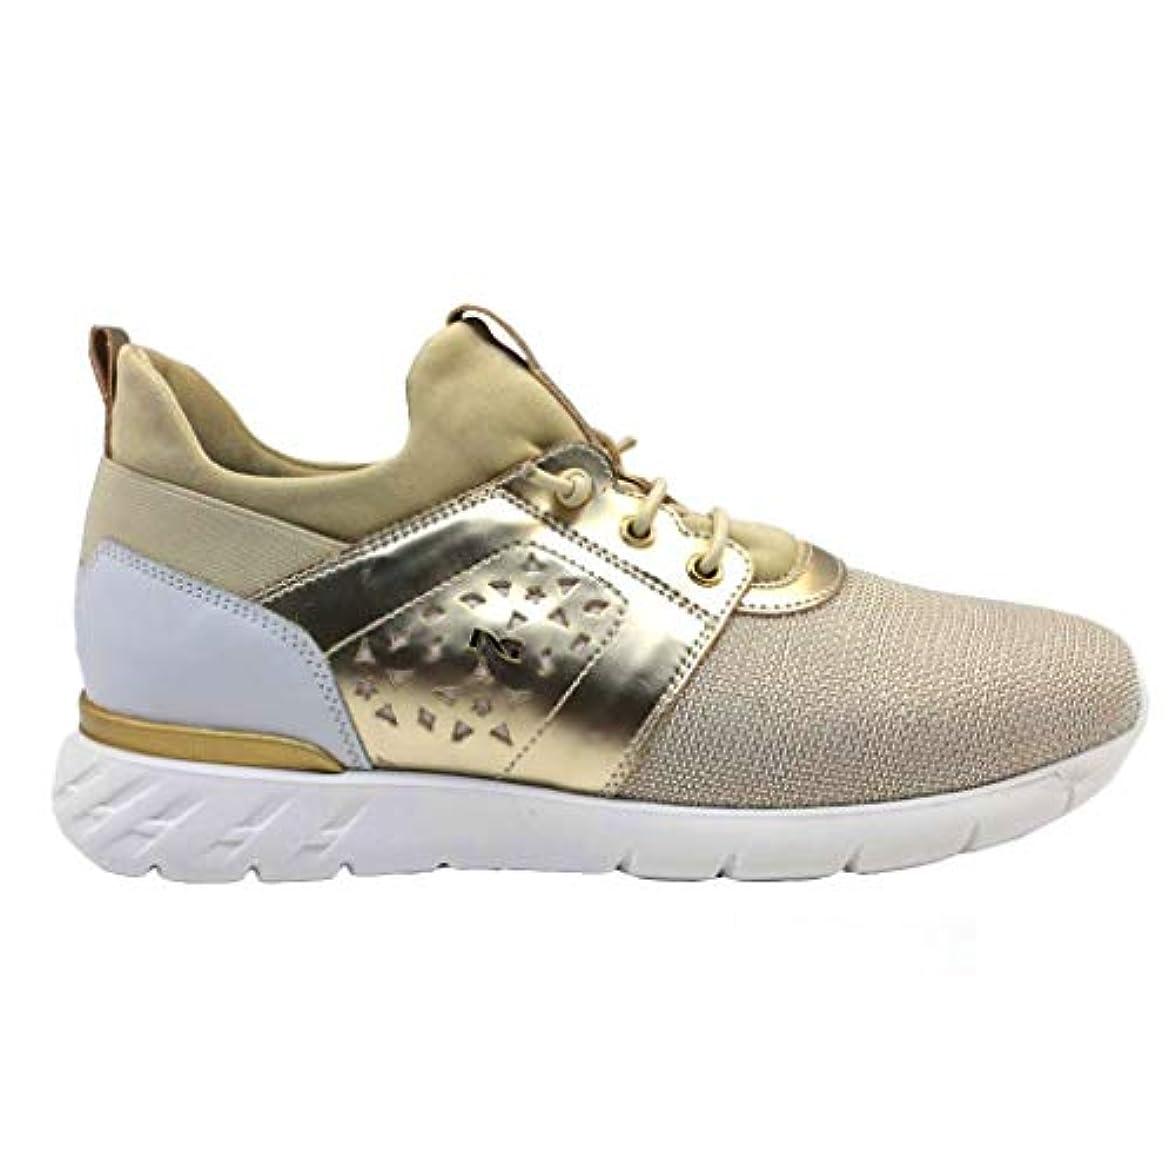 Nero Giardini Teen P931041f 414 Sneakers Scarpe Donna Sportive Lacci Oro Bianco